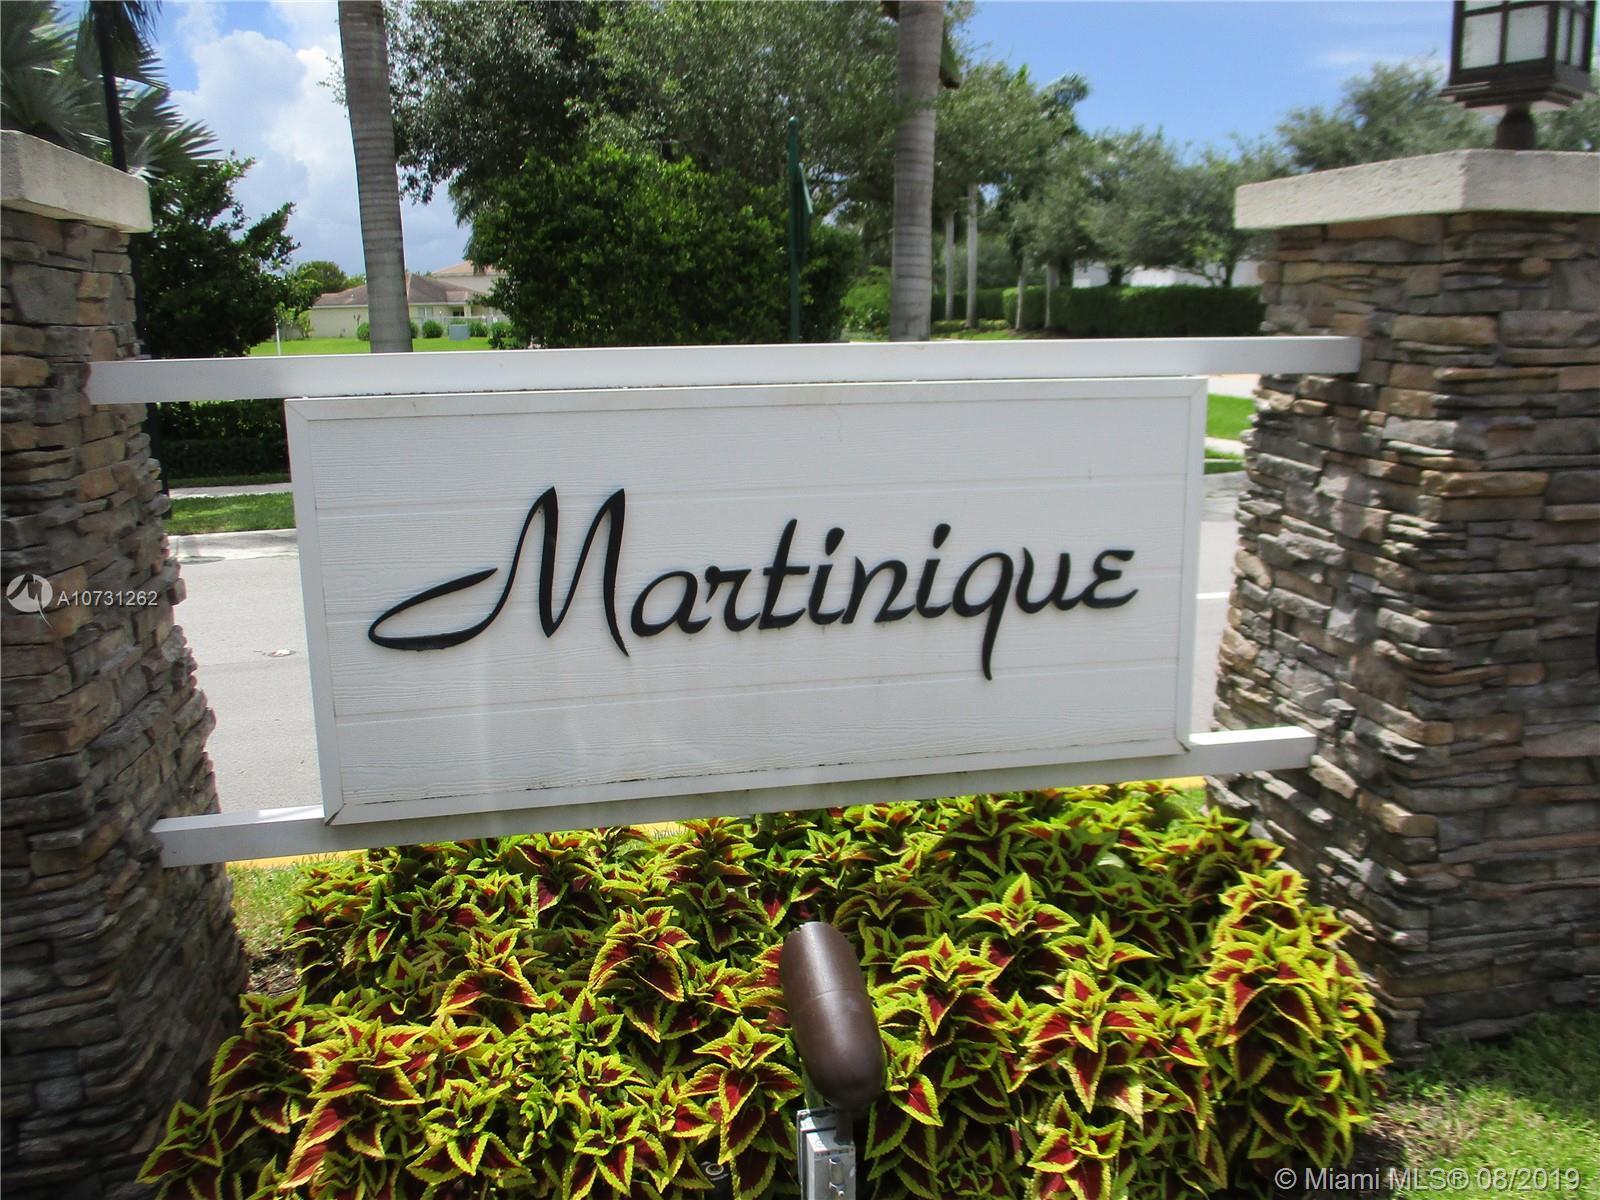 479 SE 32nd Ter #479, Homestead, FL 33033 - Homestead, FL real estate listing